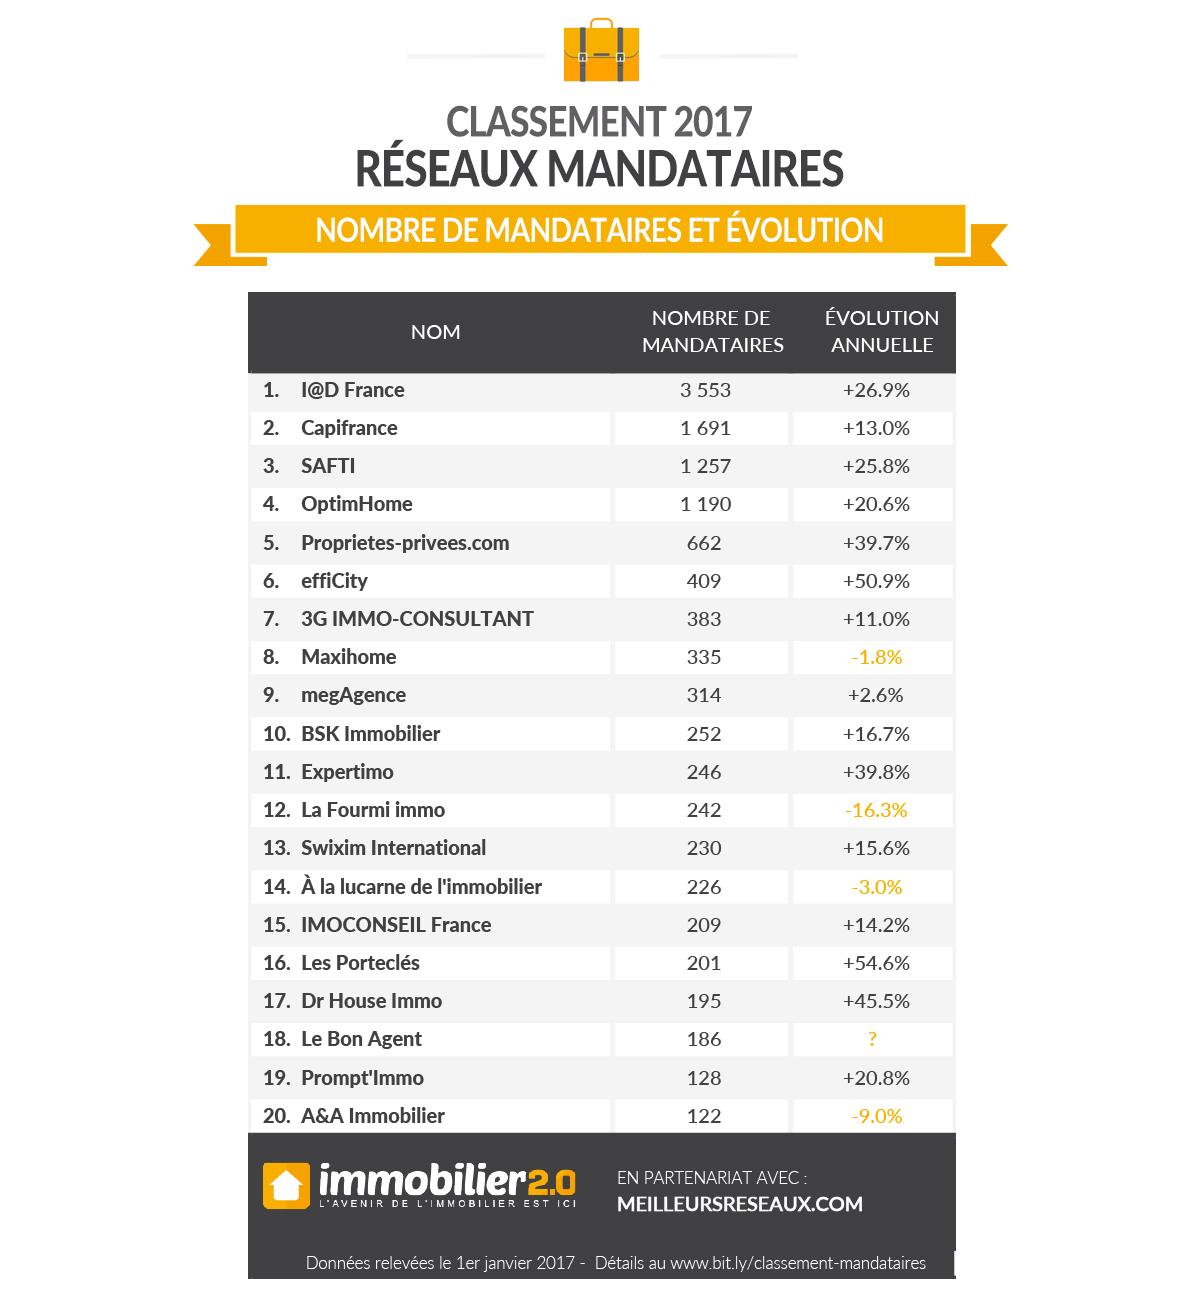 classement-officiel-mandataires-2017